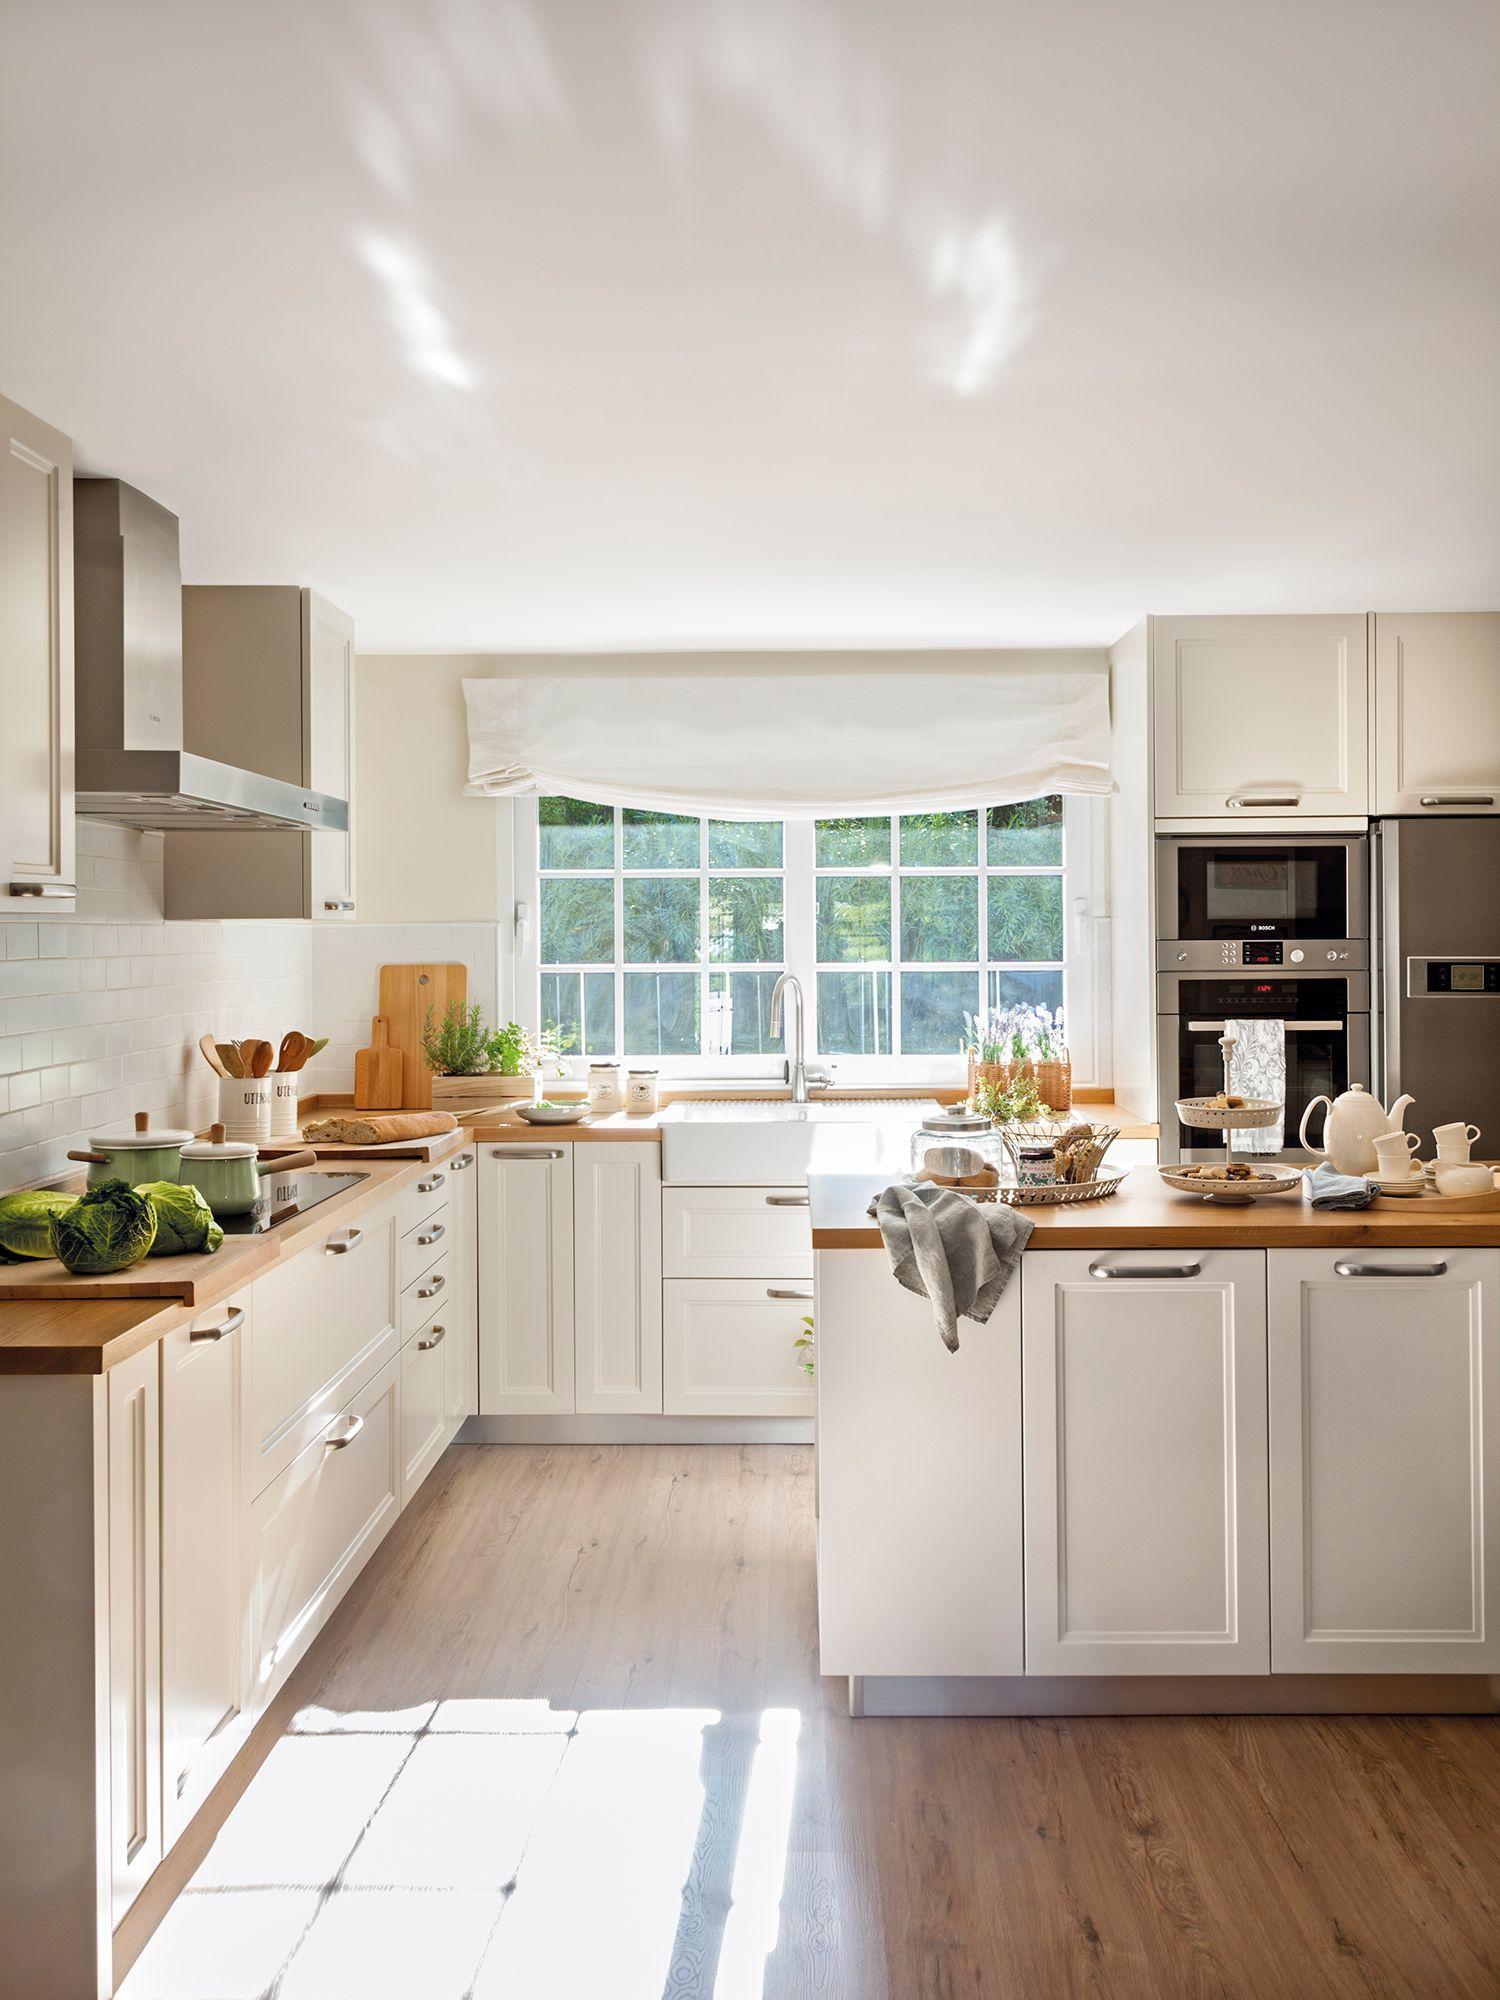 Cocina Blanca Con Isla Y Encimera De Madera 00446949 Diseno Muebles De Cocina Decoracion De Cocina Muebles De Cocina